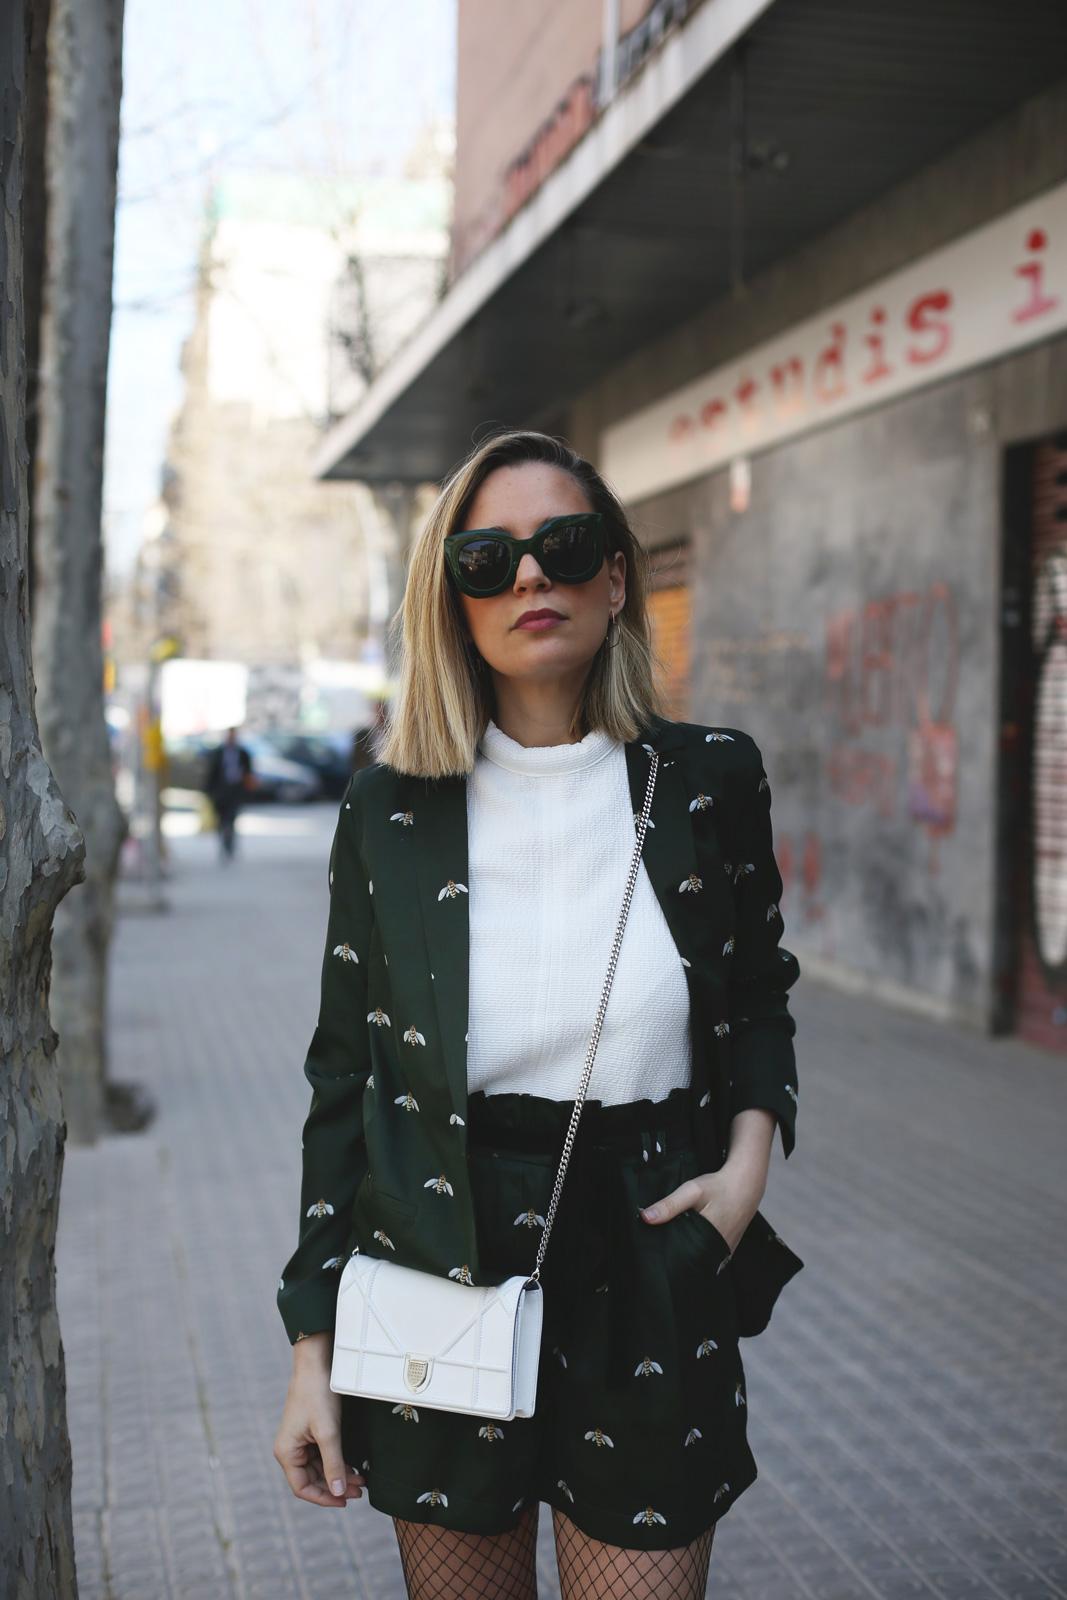 Blog de moda y estilo de vida